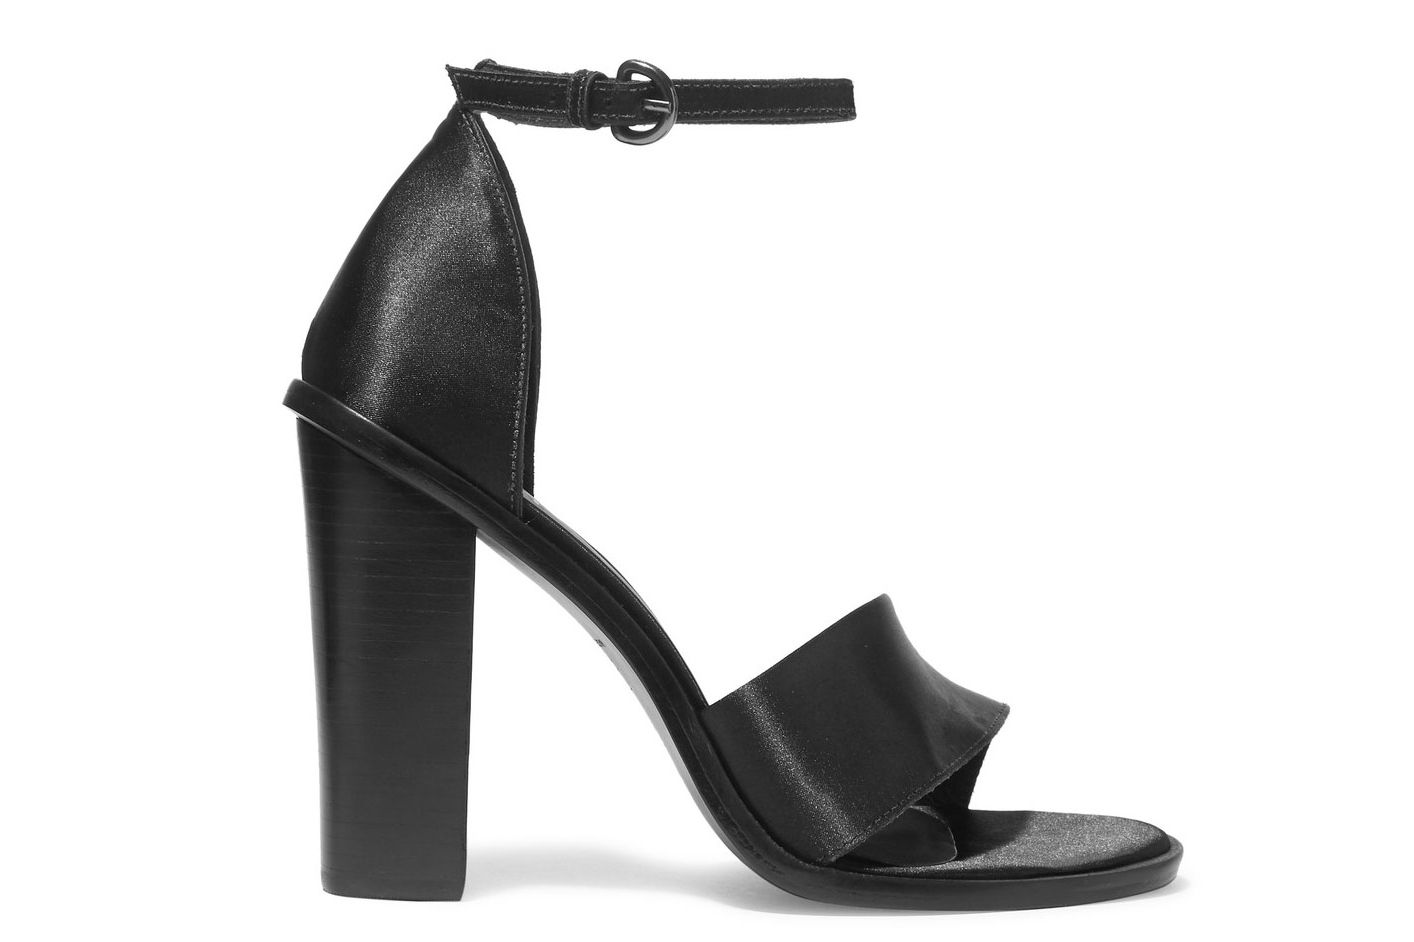 Tibi Palma satin sandals